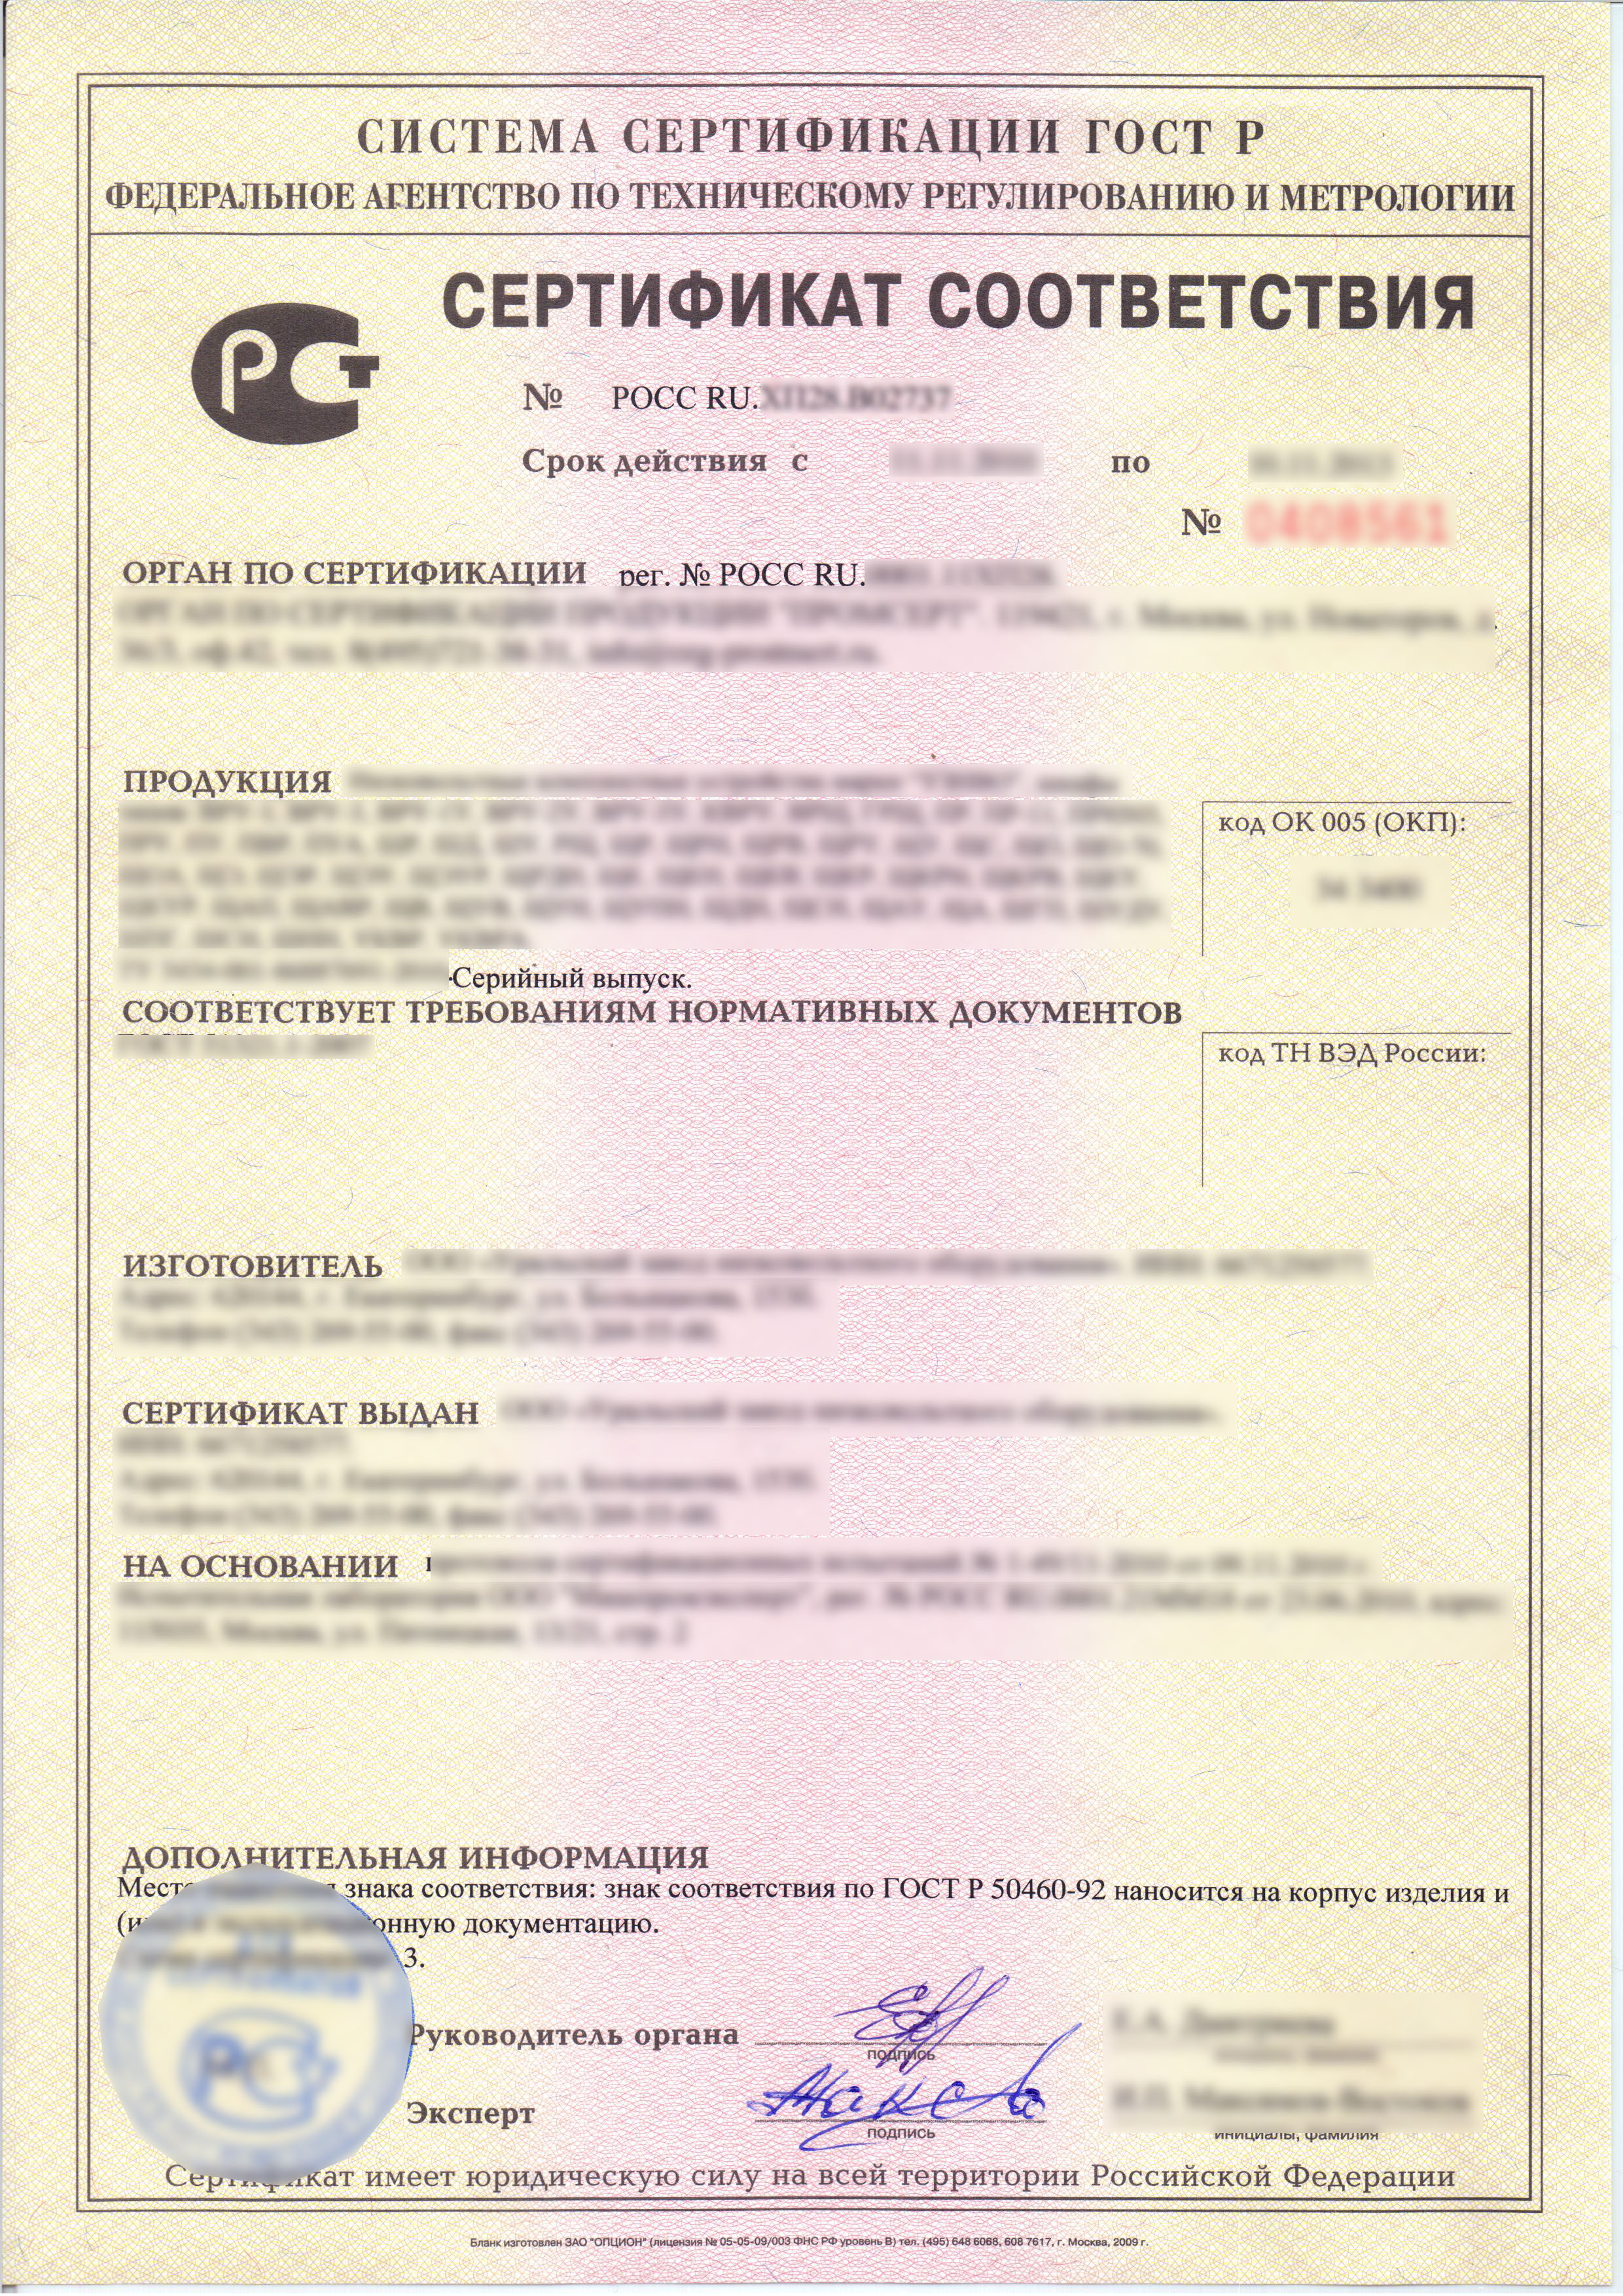 Обязательный сертификат ГОСТ Р. Пример